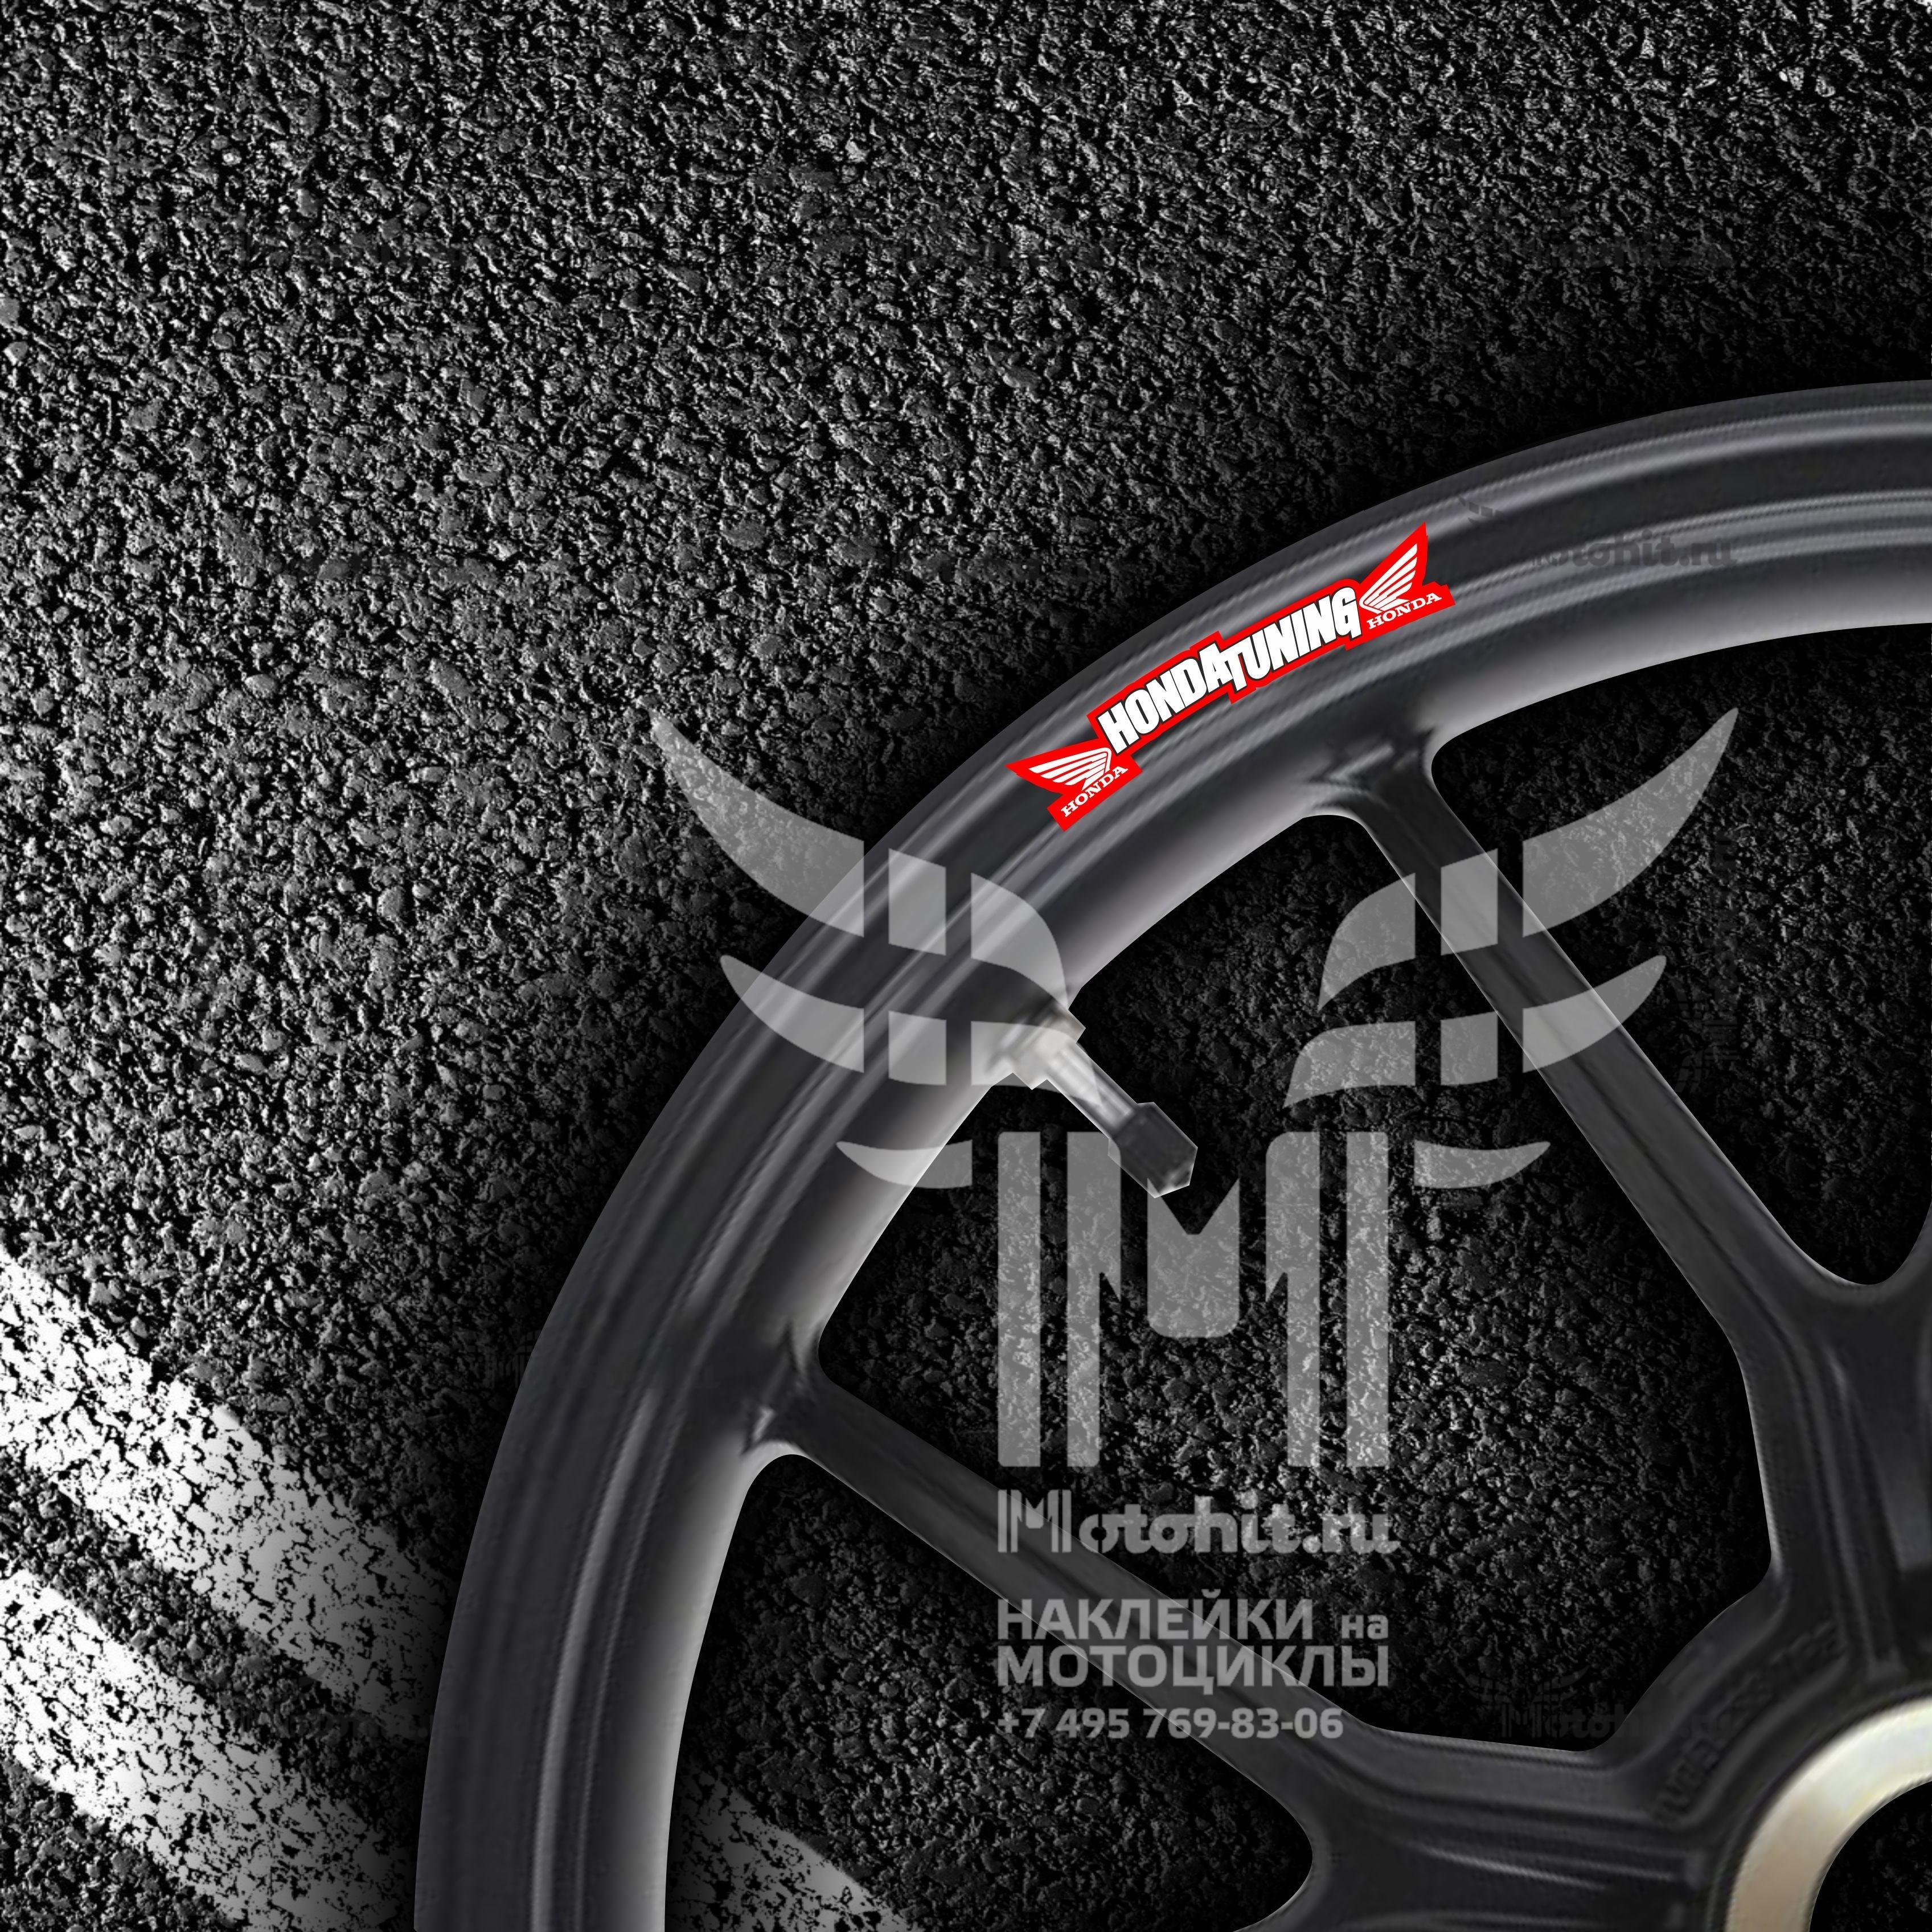 Комплект наклеек на обод колеса мотоцикла HONDA TUNING